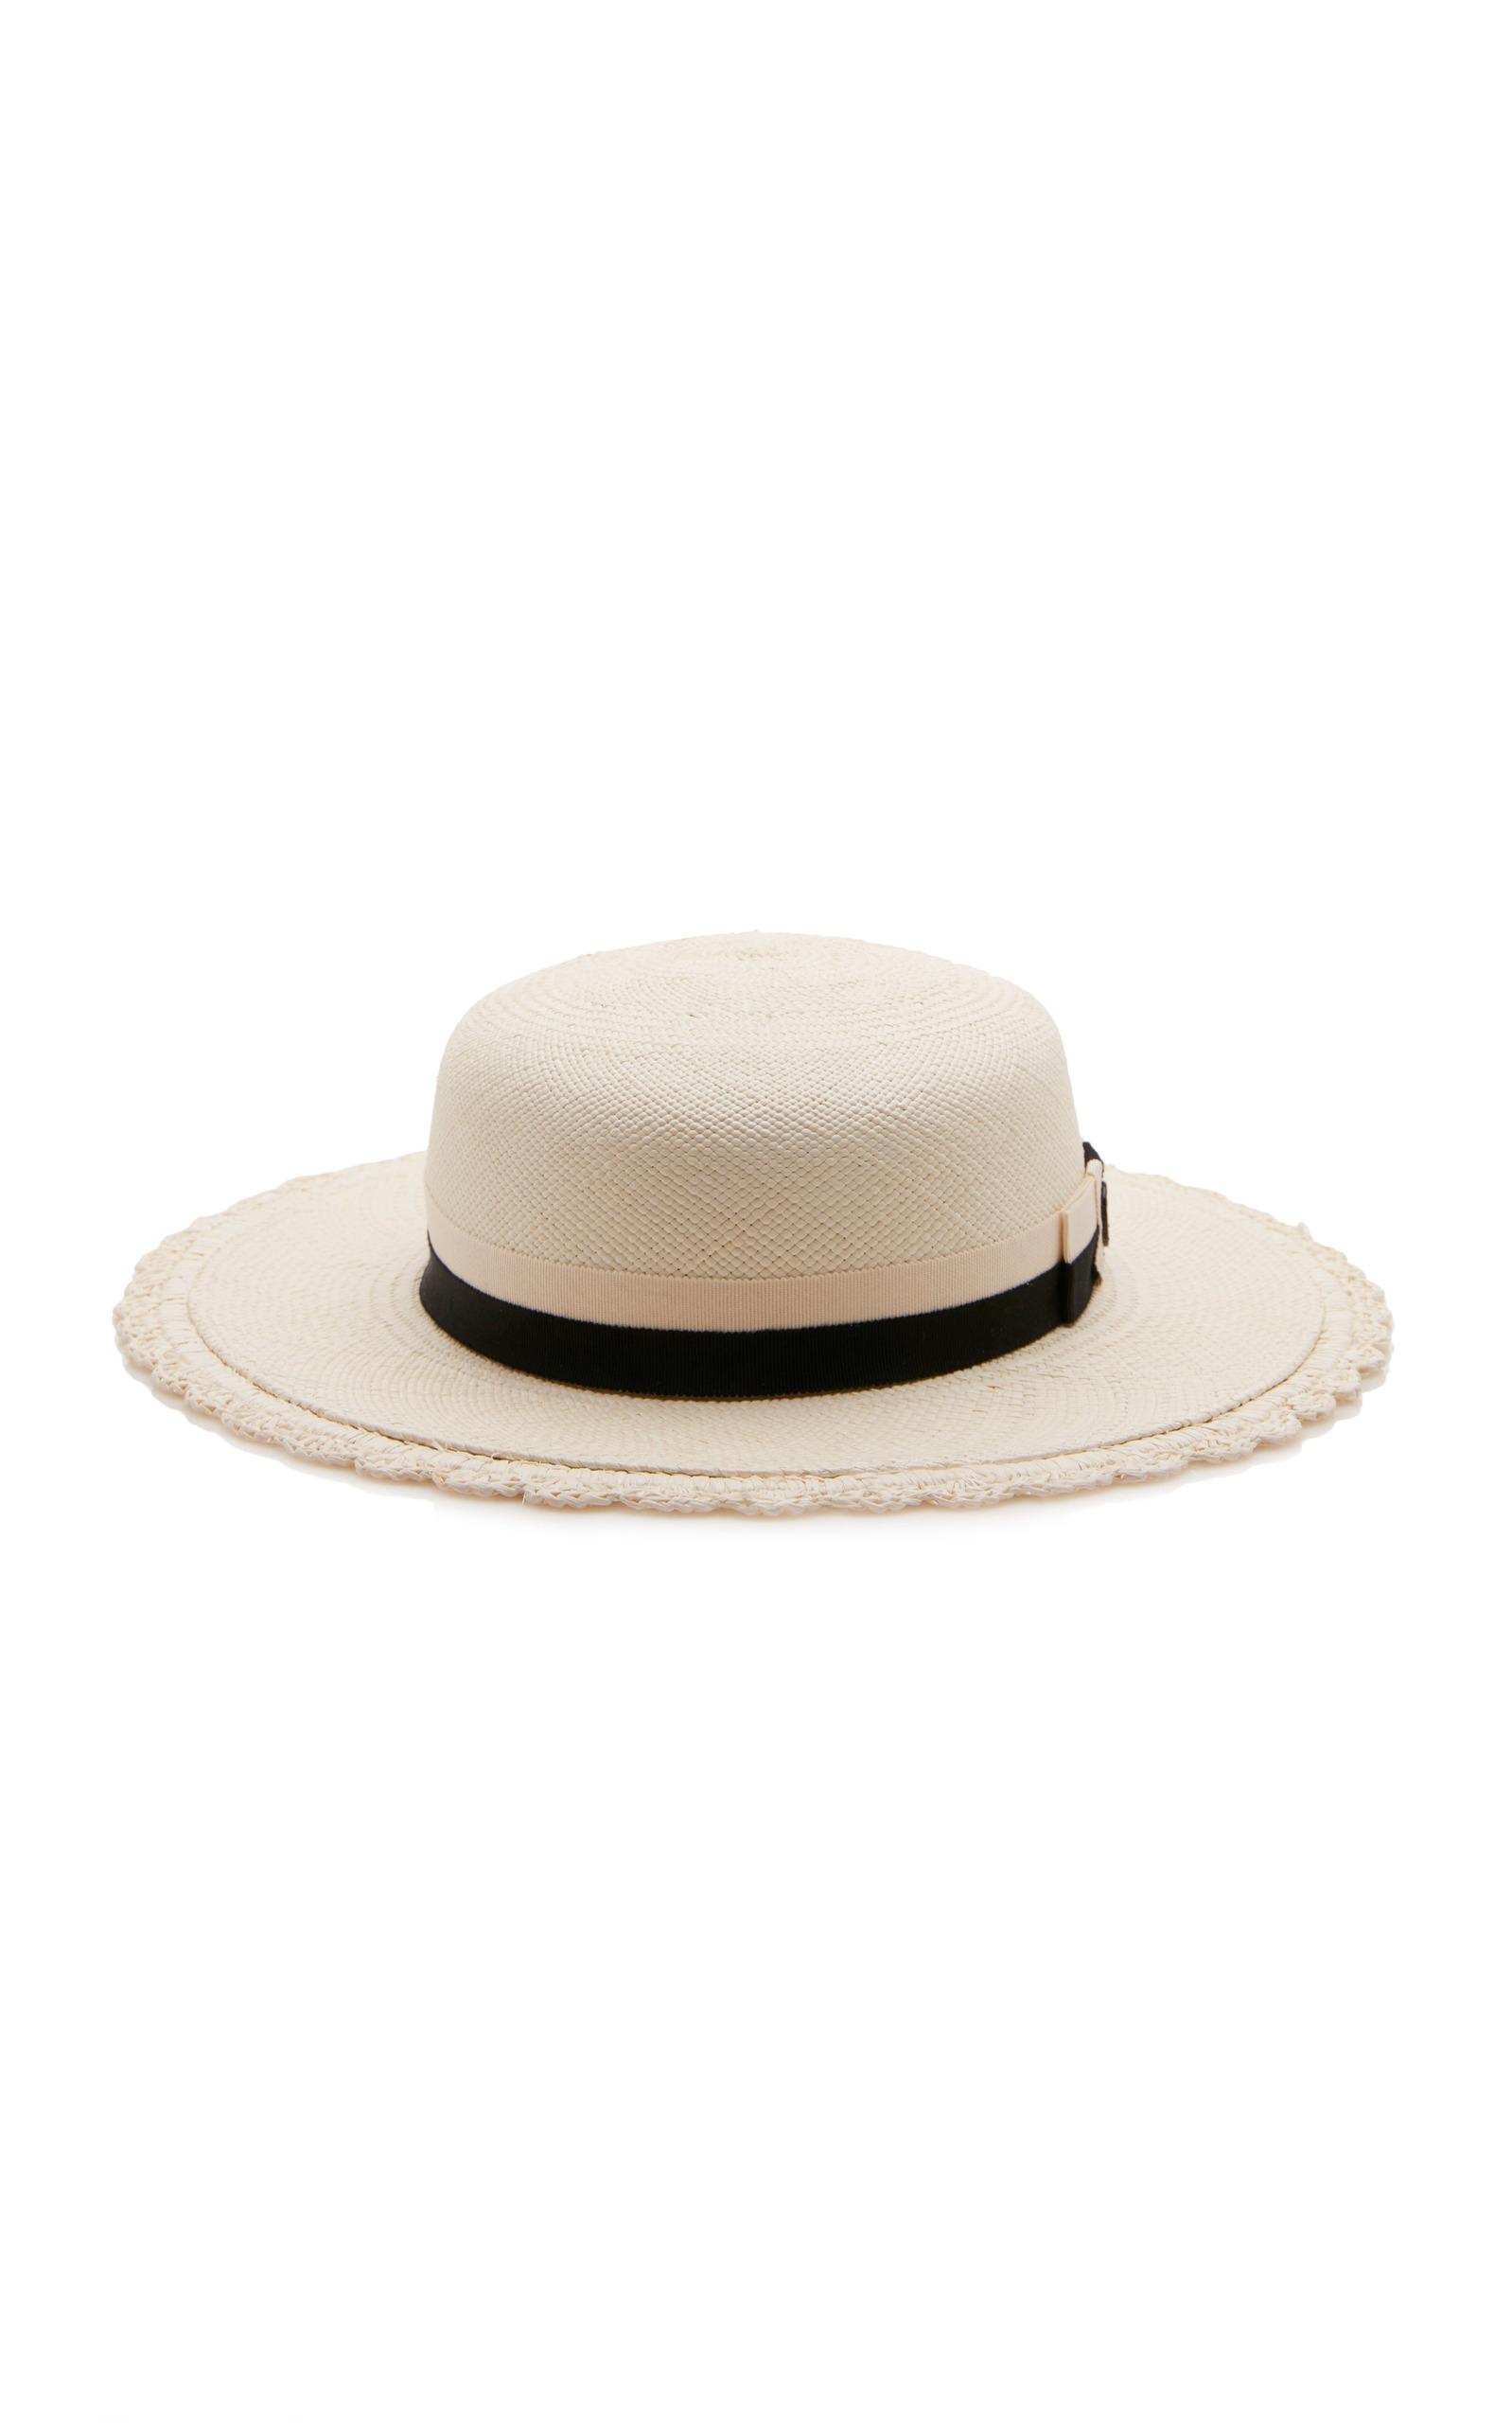 Rod Hat Maison Michel Cheap Footlocker Finishline aF0JFUCvG